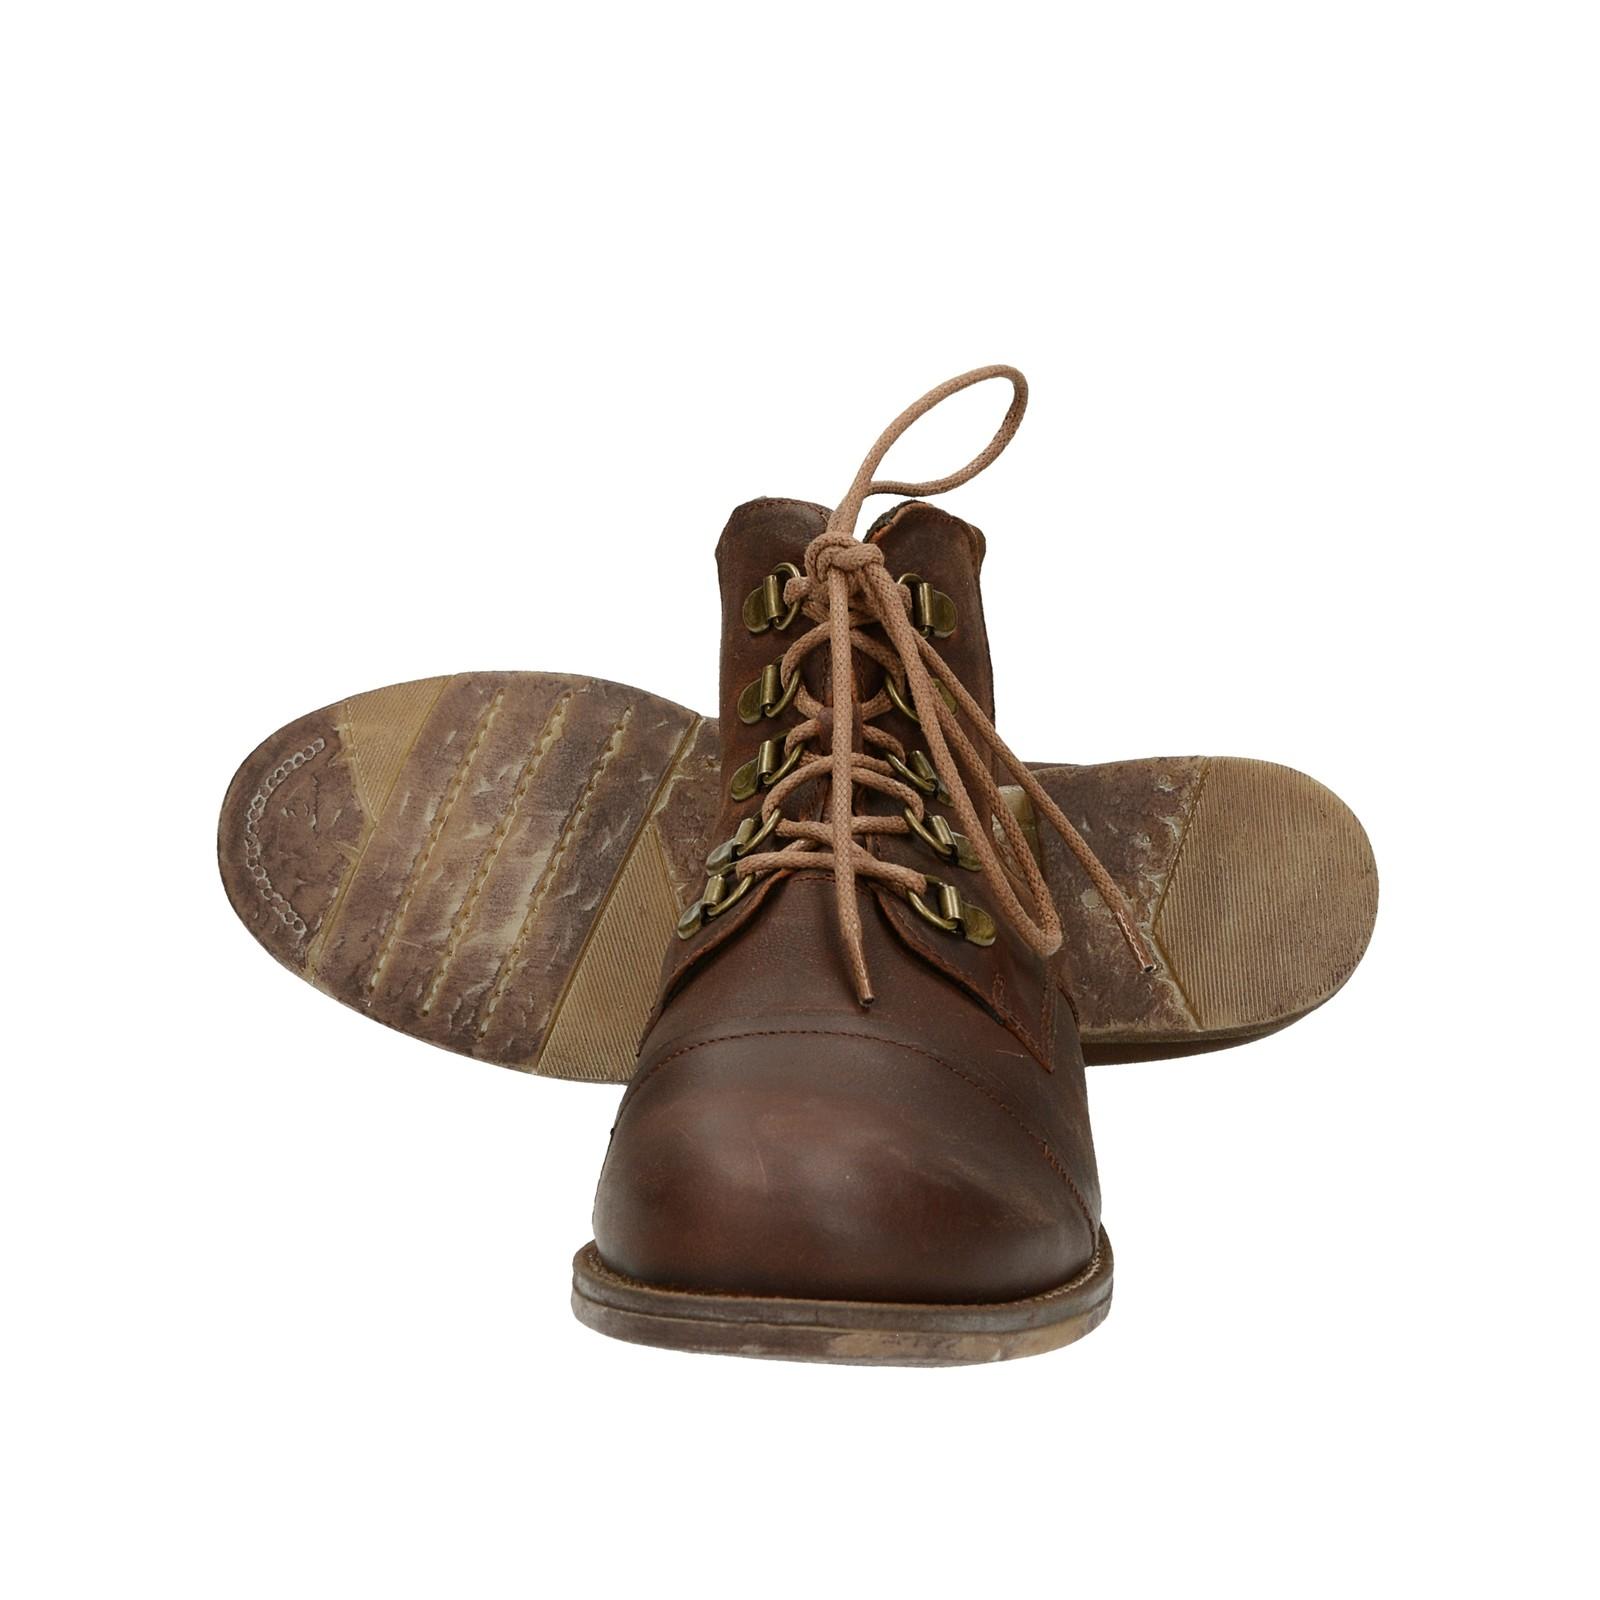 Kotníková obuv. Josef Seibel dámské nubukové kotníkové boty - hnědé ... 498fad0893